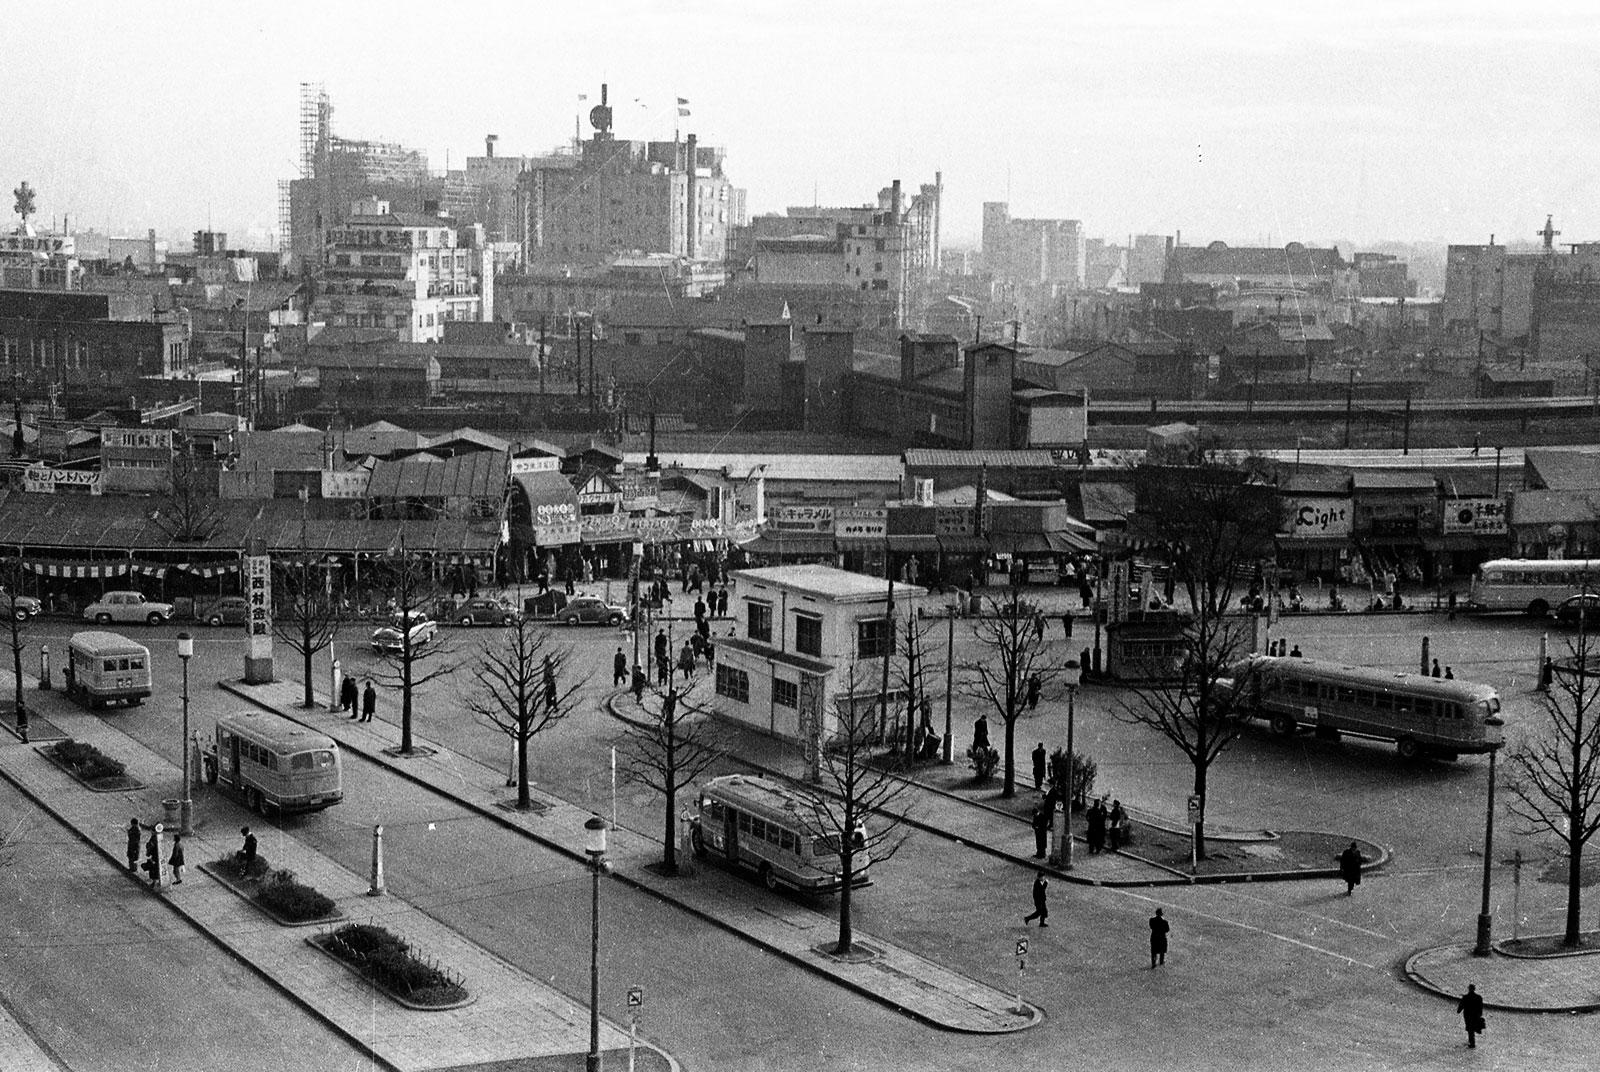 昭和30年頃。東富士ビル(のちに新宿スバルビル)から見渡した西口広場の様子。